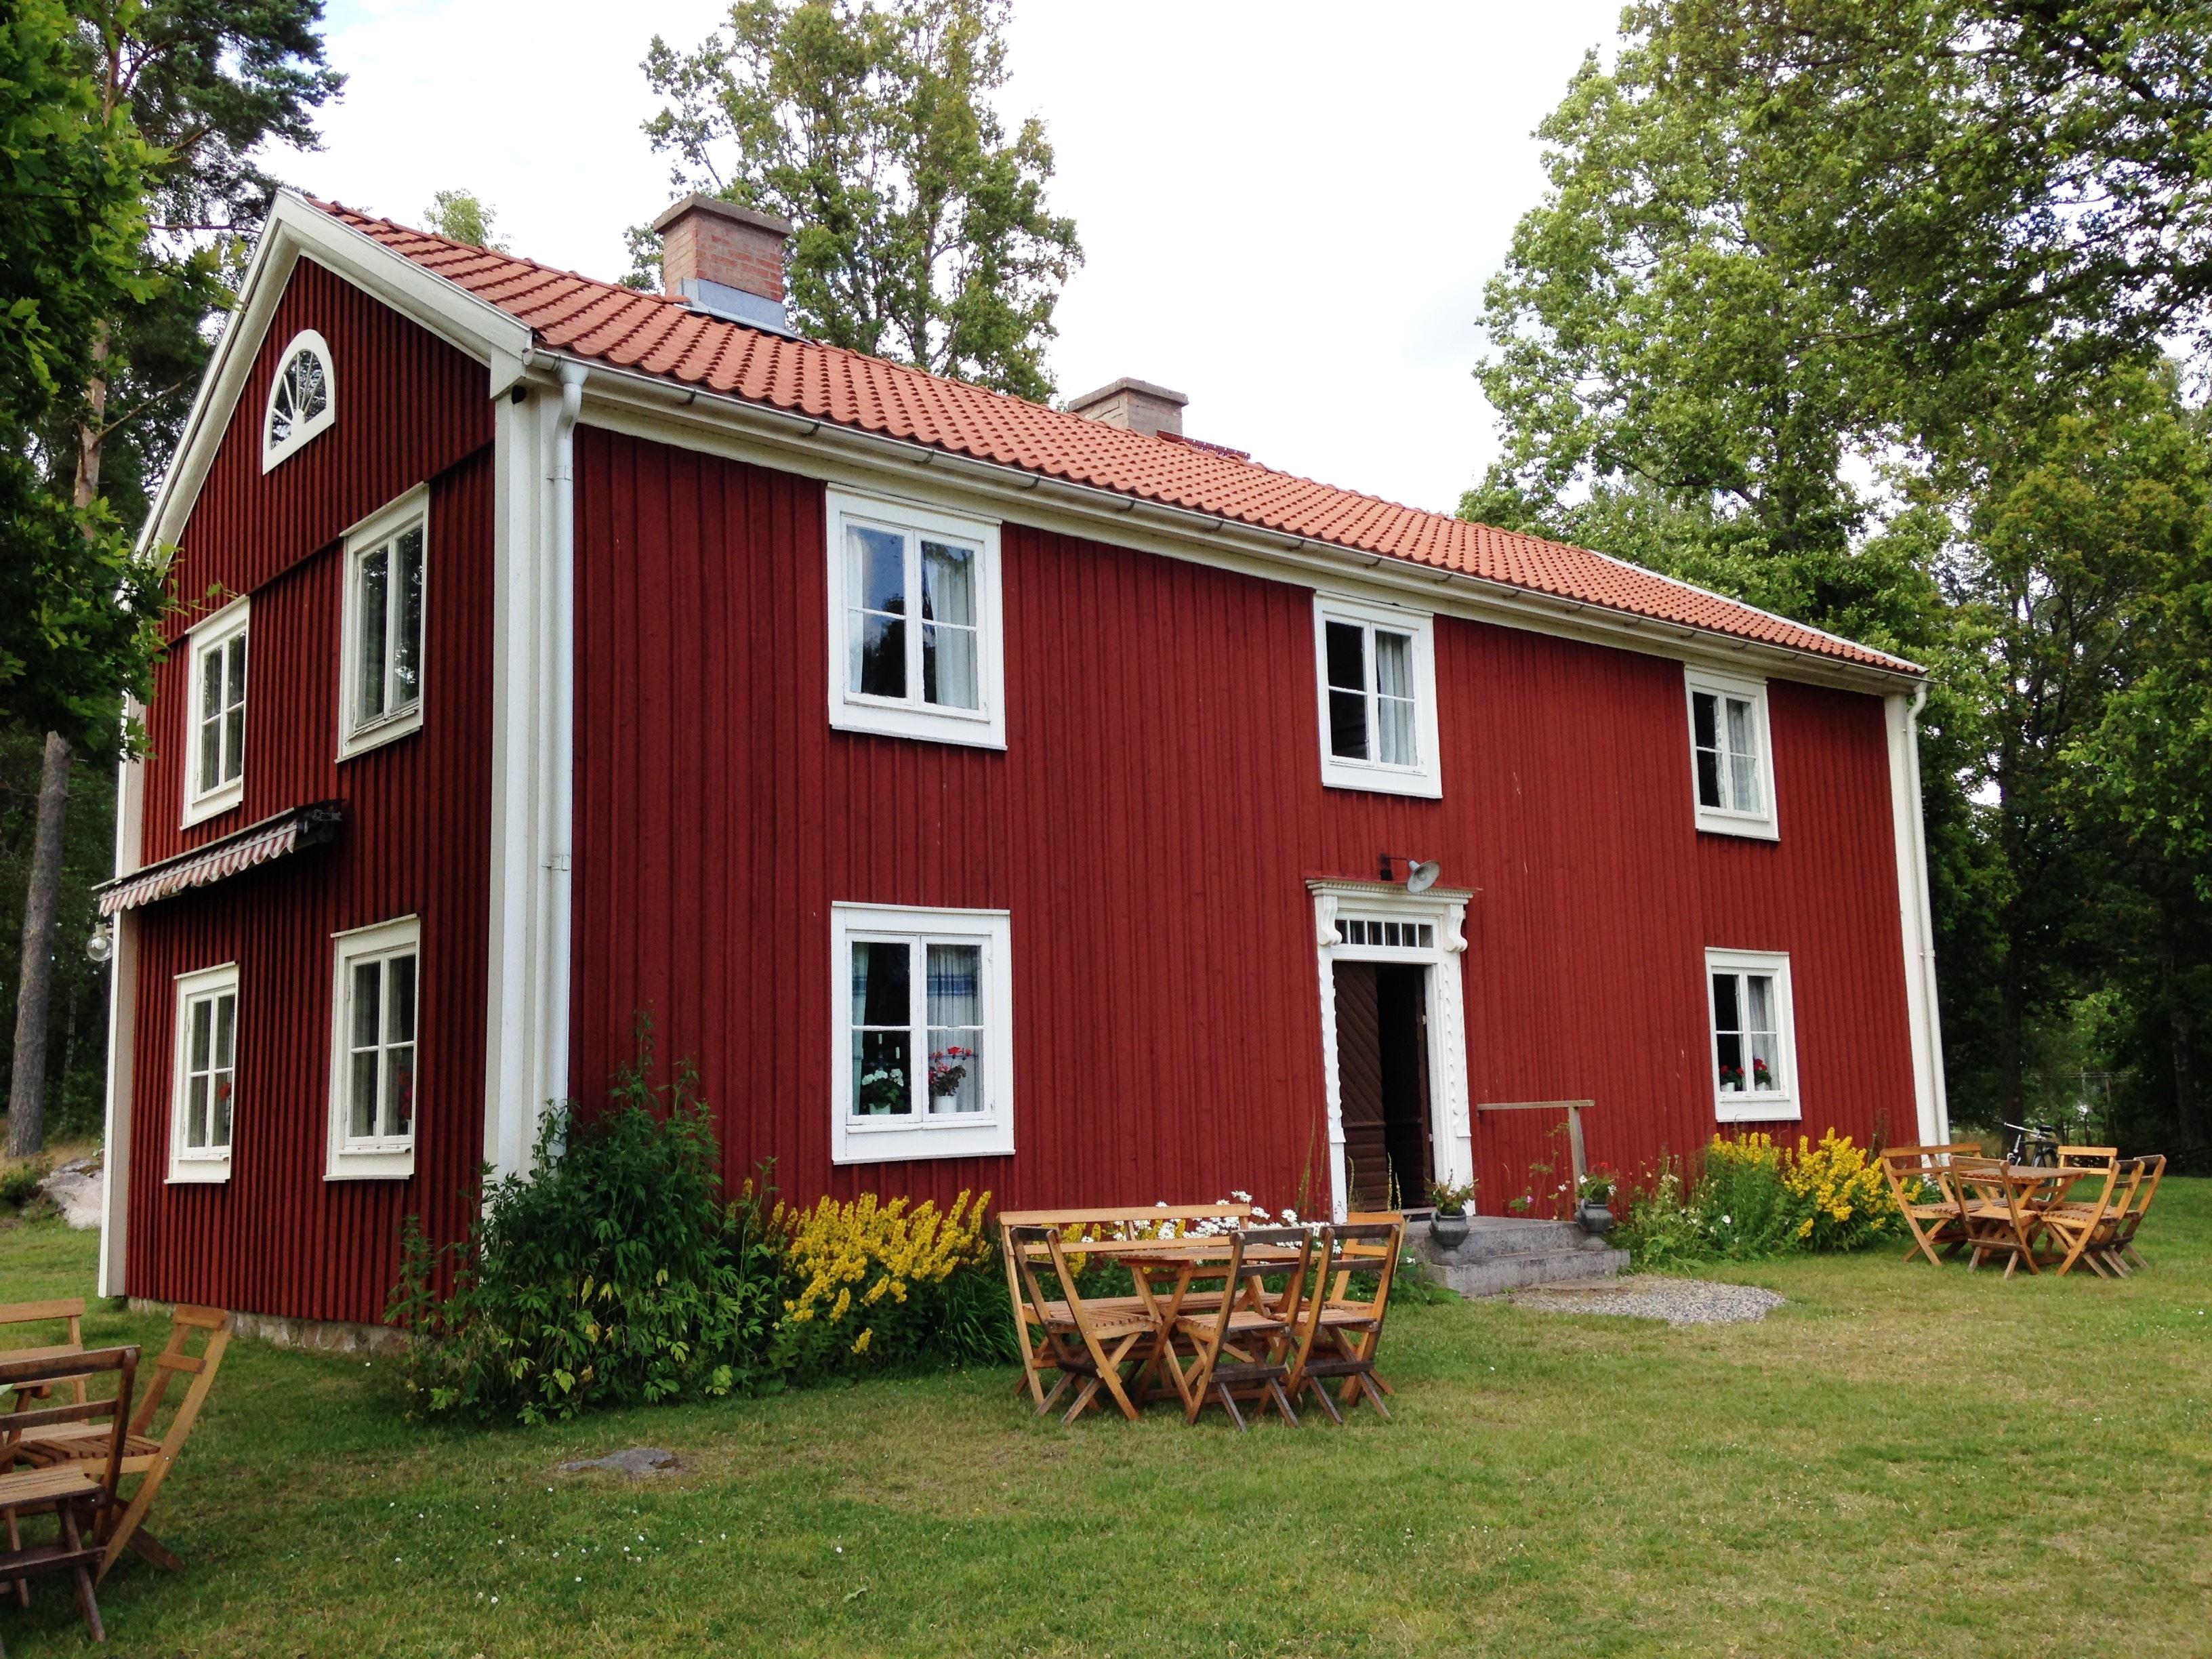 Rosenlund - Skatelövs hembygdsgård